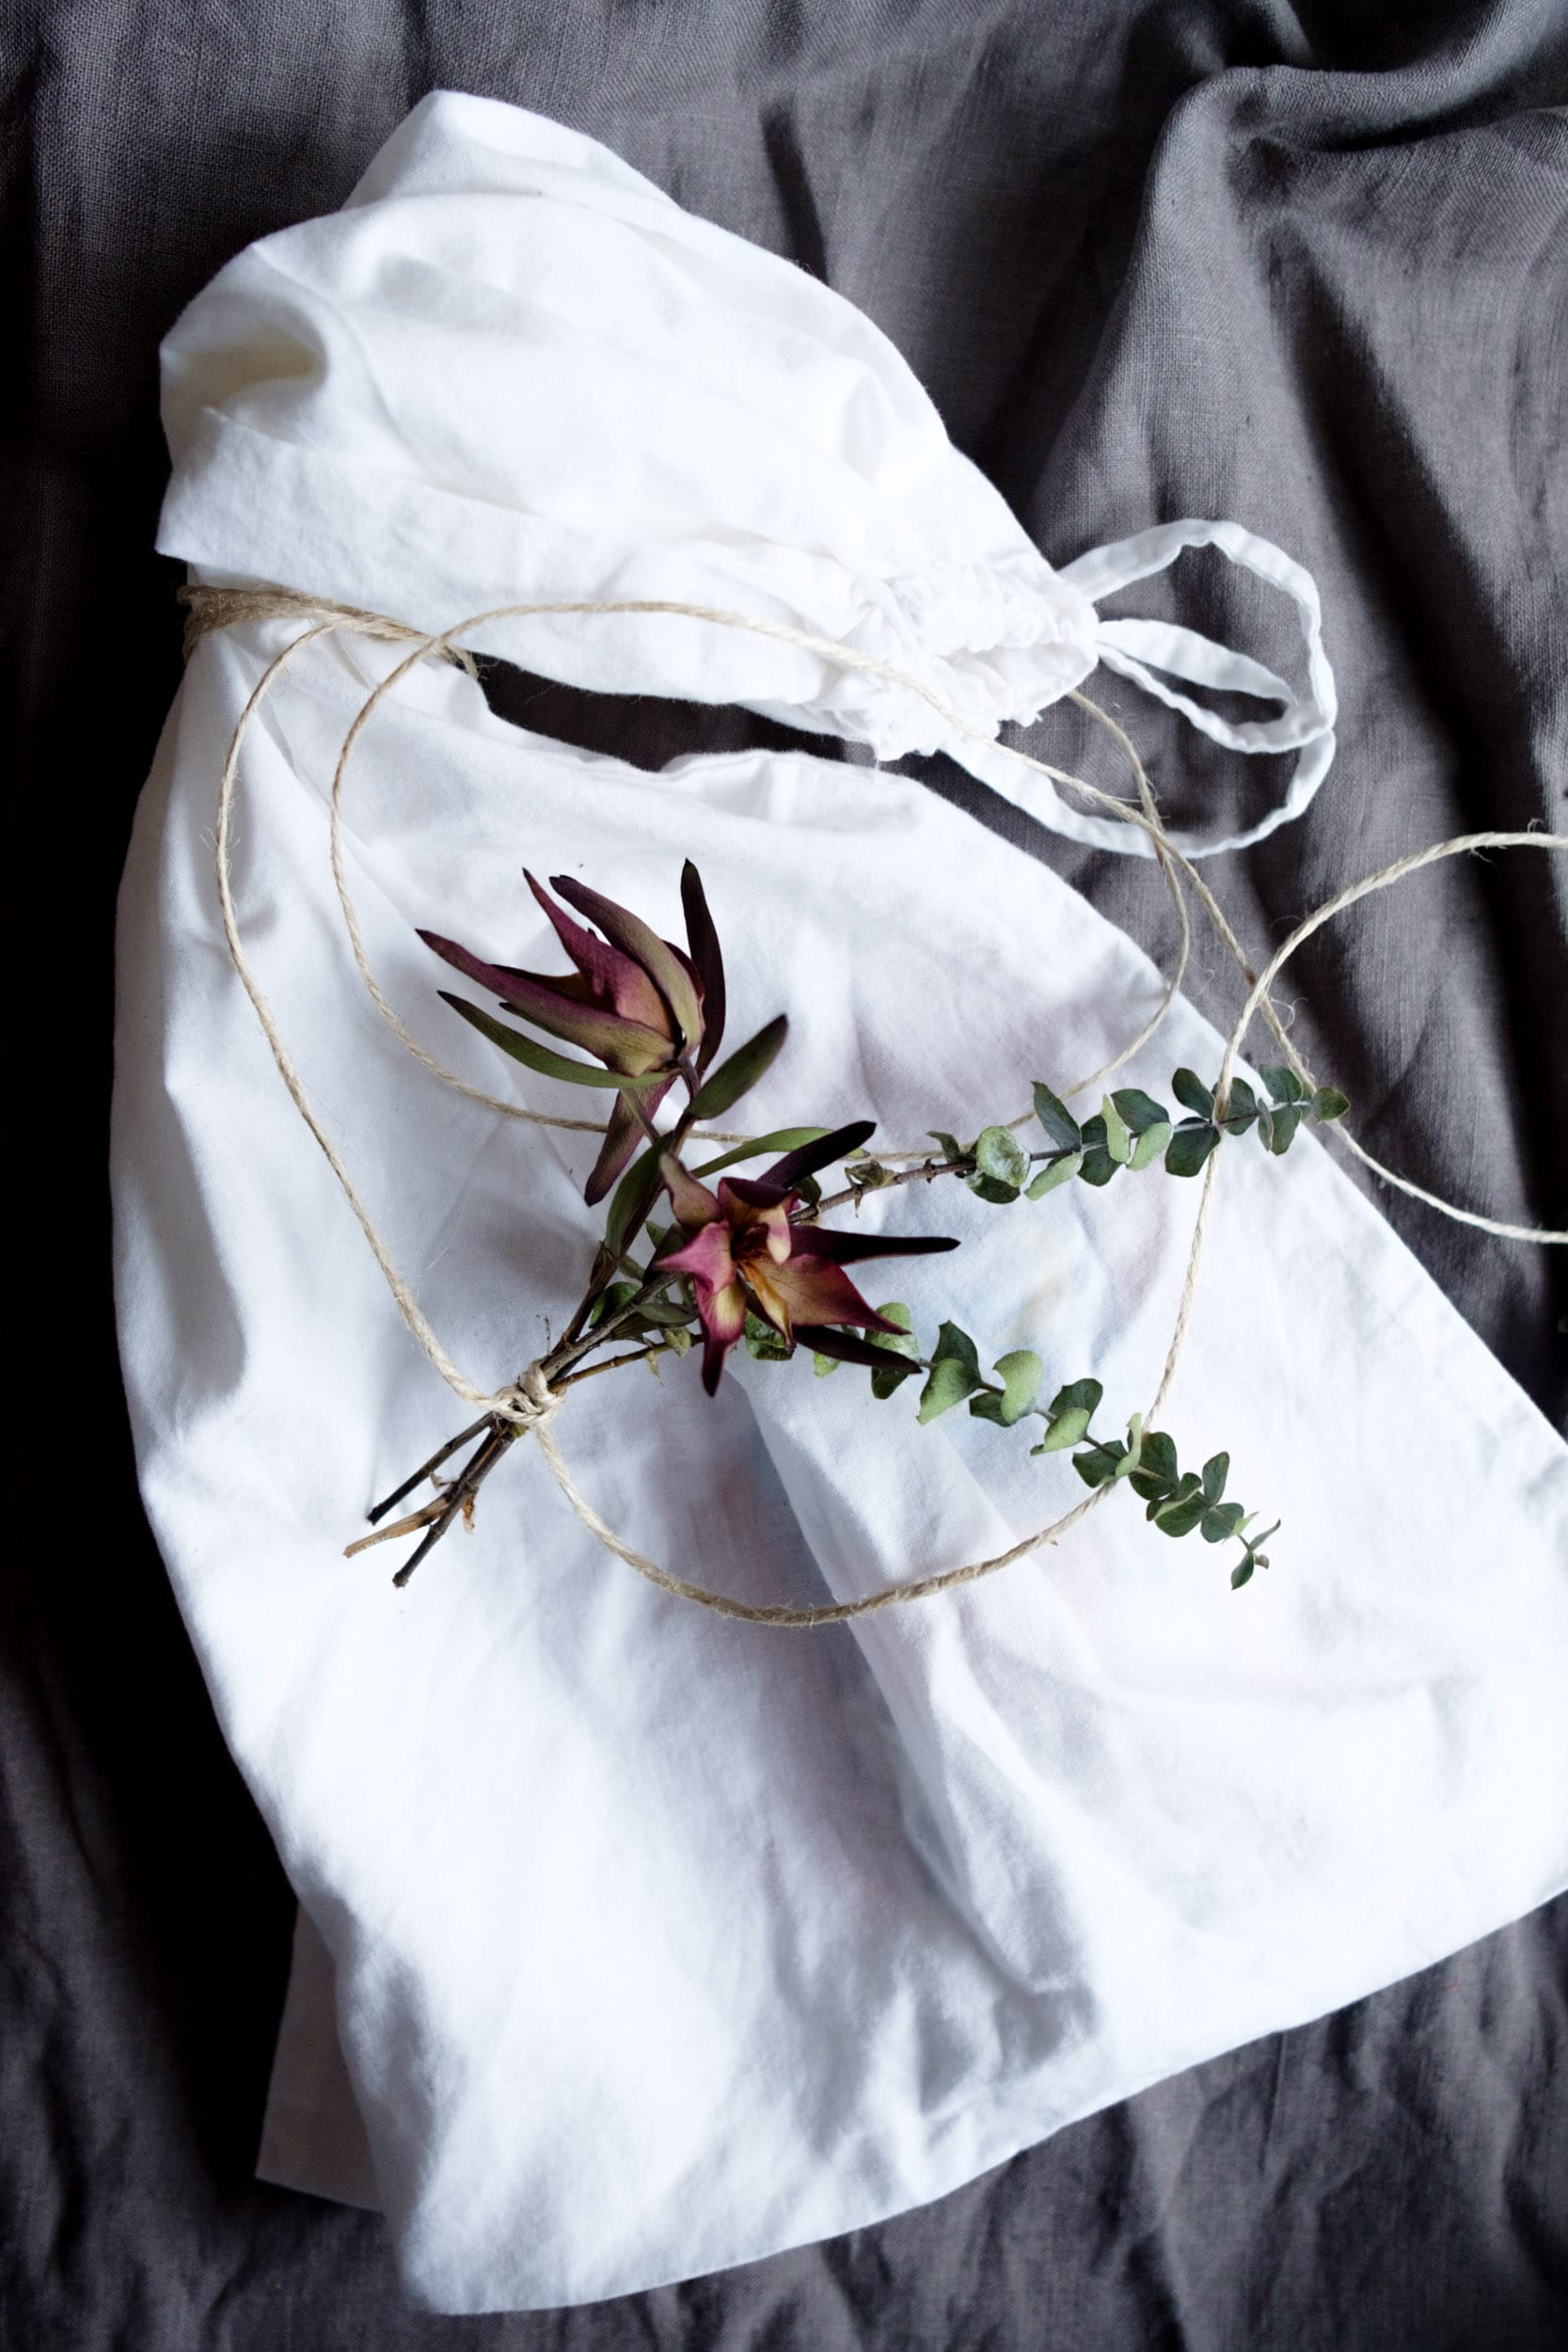 Geschenke nachhaltig verpacken | Nachhaltige Geschenkverpackungen | Zero Waste | Low Waste | Geschenke verpacken ohne Geschenkpapier | Upcycling | Recycling | Umweltfreundlich | Alternative Geschenkverpackungen | Weihnachtsgeschenke | Geburtstagsgeschenke | Naturdeko | Verpacken mit Stoff | ivy.li